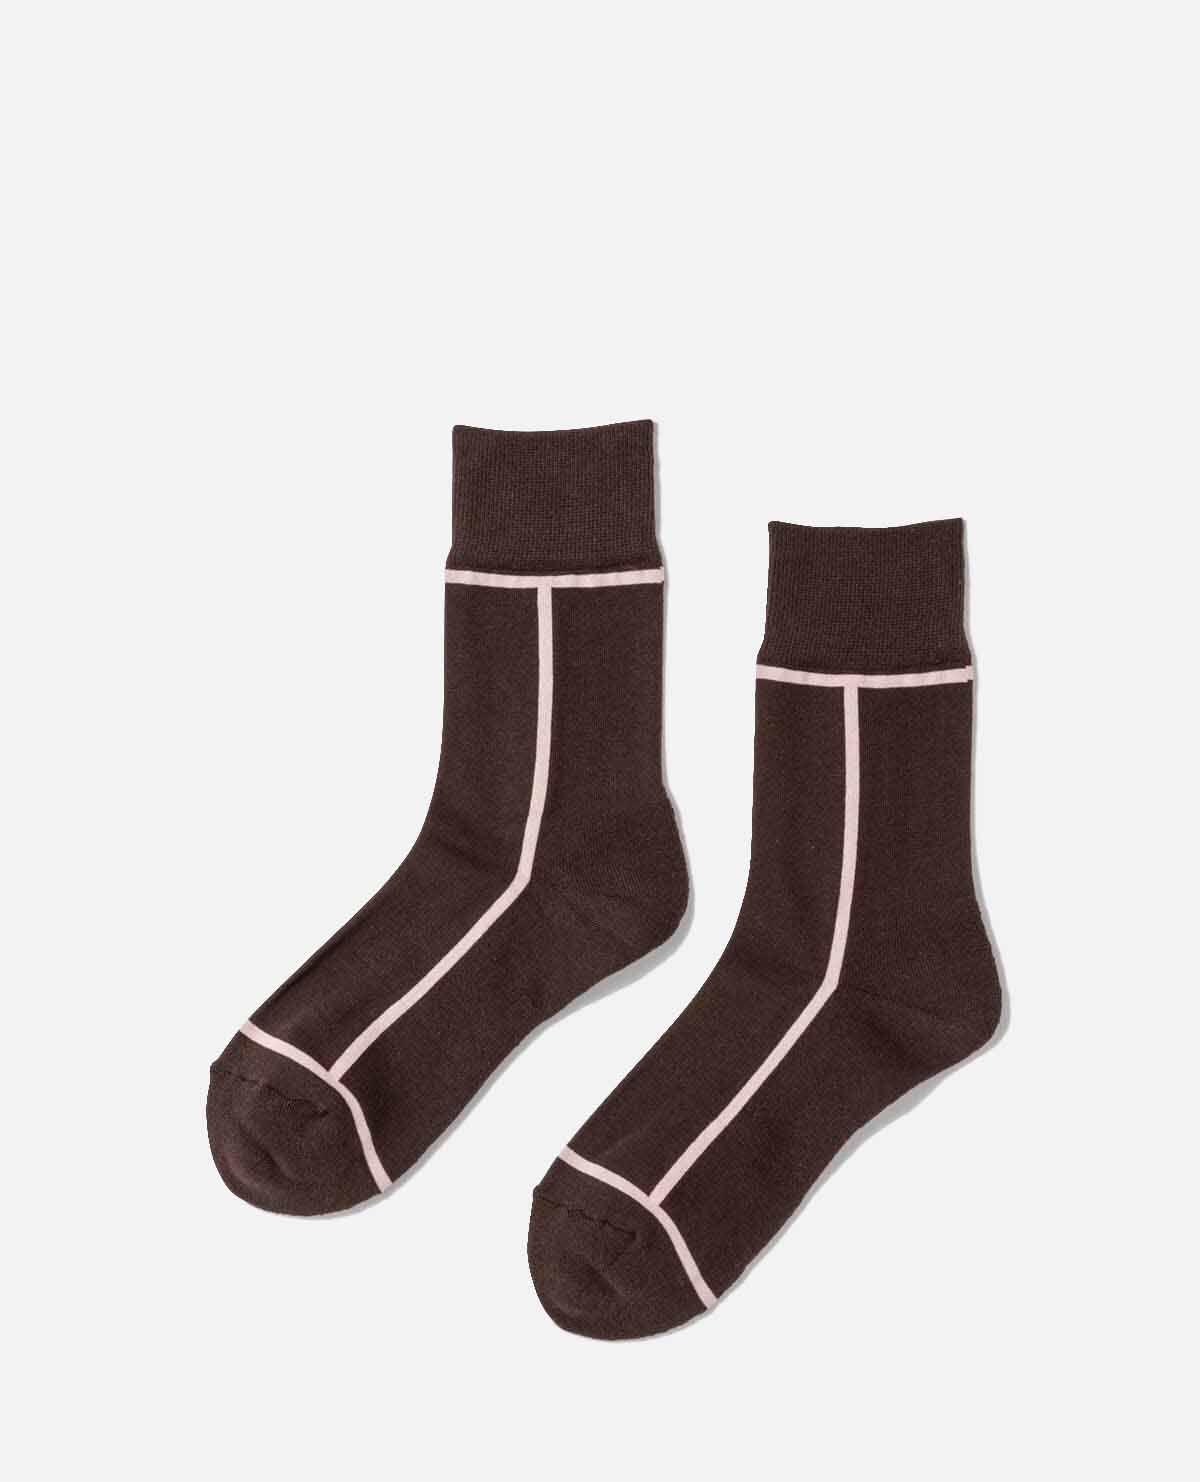 靴下 ダークブラウン オールドローズ 単品